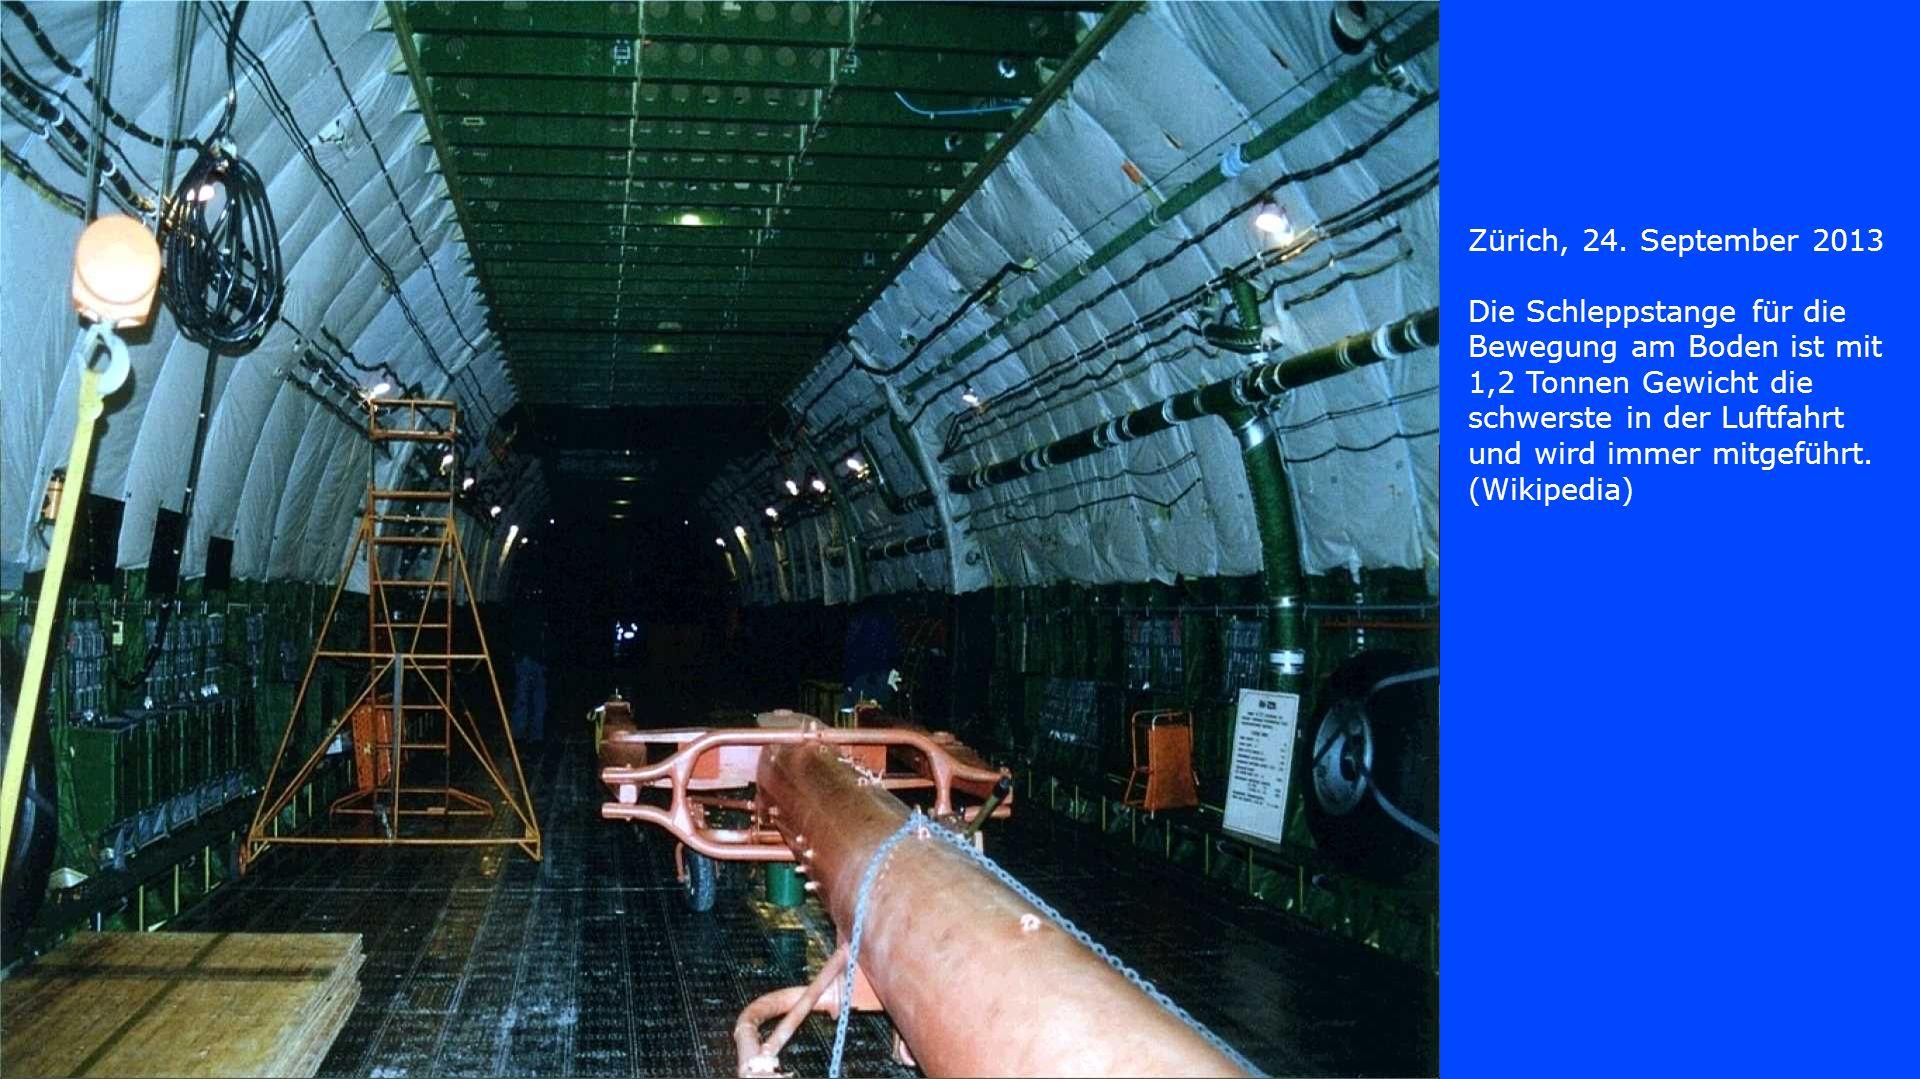 Die Schleppstange für die Bewegung am Boden ist mit 1,2 Tonnen Gewicht die schwerste in der Luftfahrt und wird immer mitgeführt. (Wikipedia)